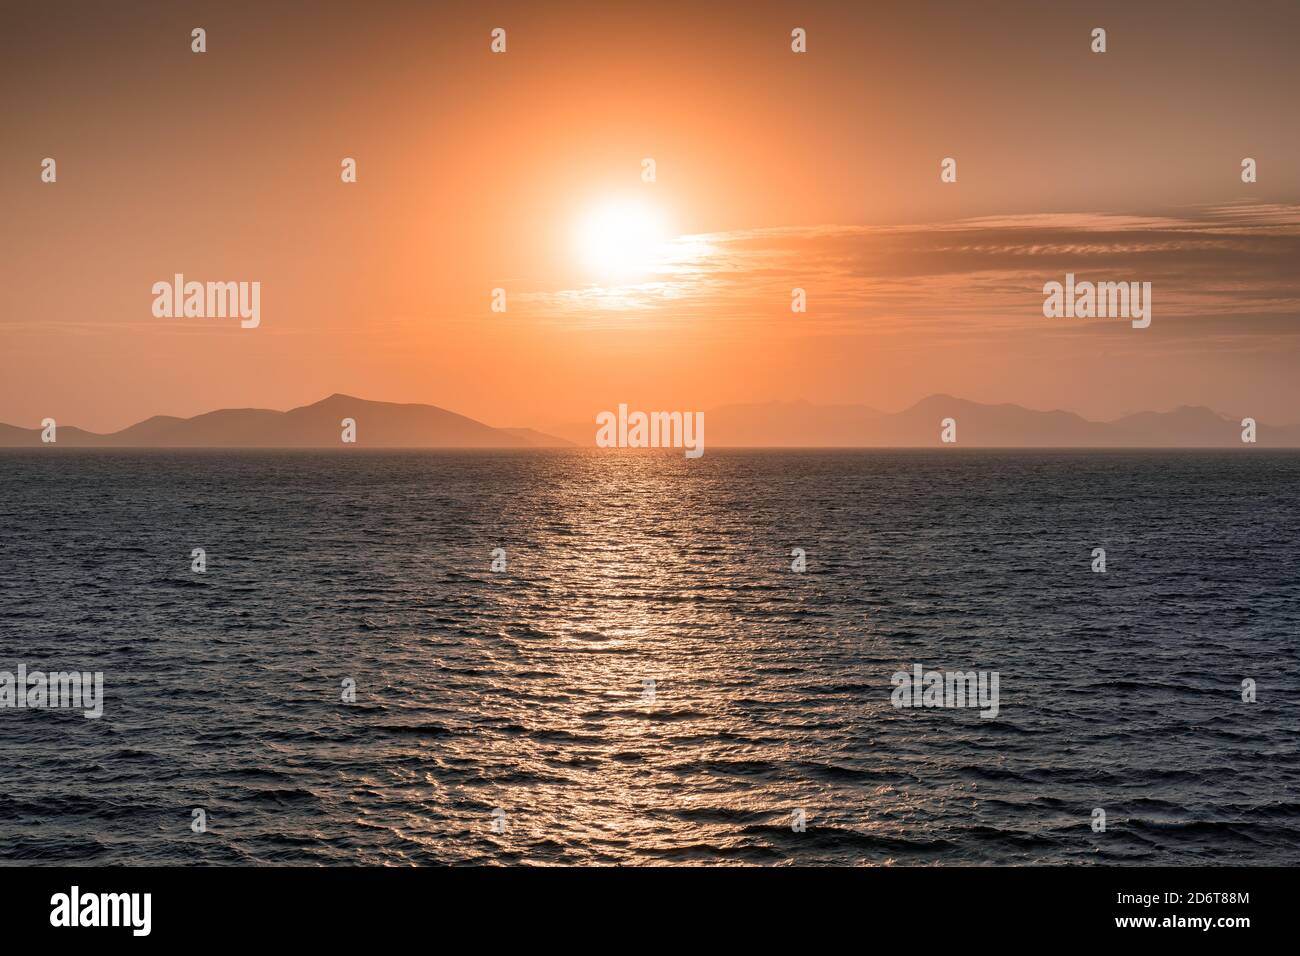 Pink Sunset over Aegean Sea Stock Photo